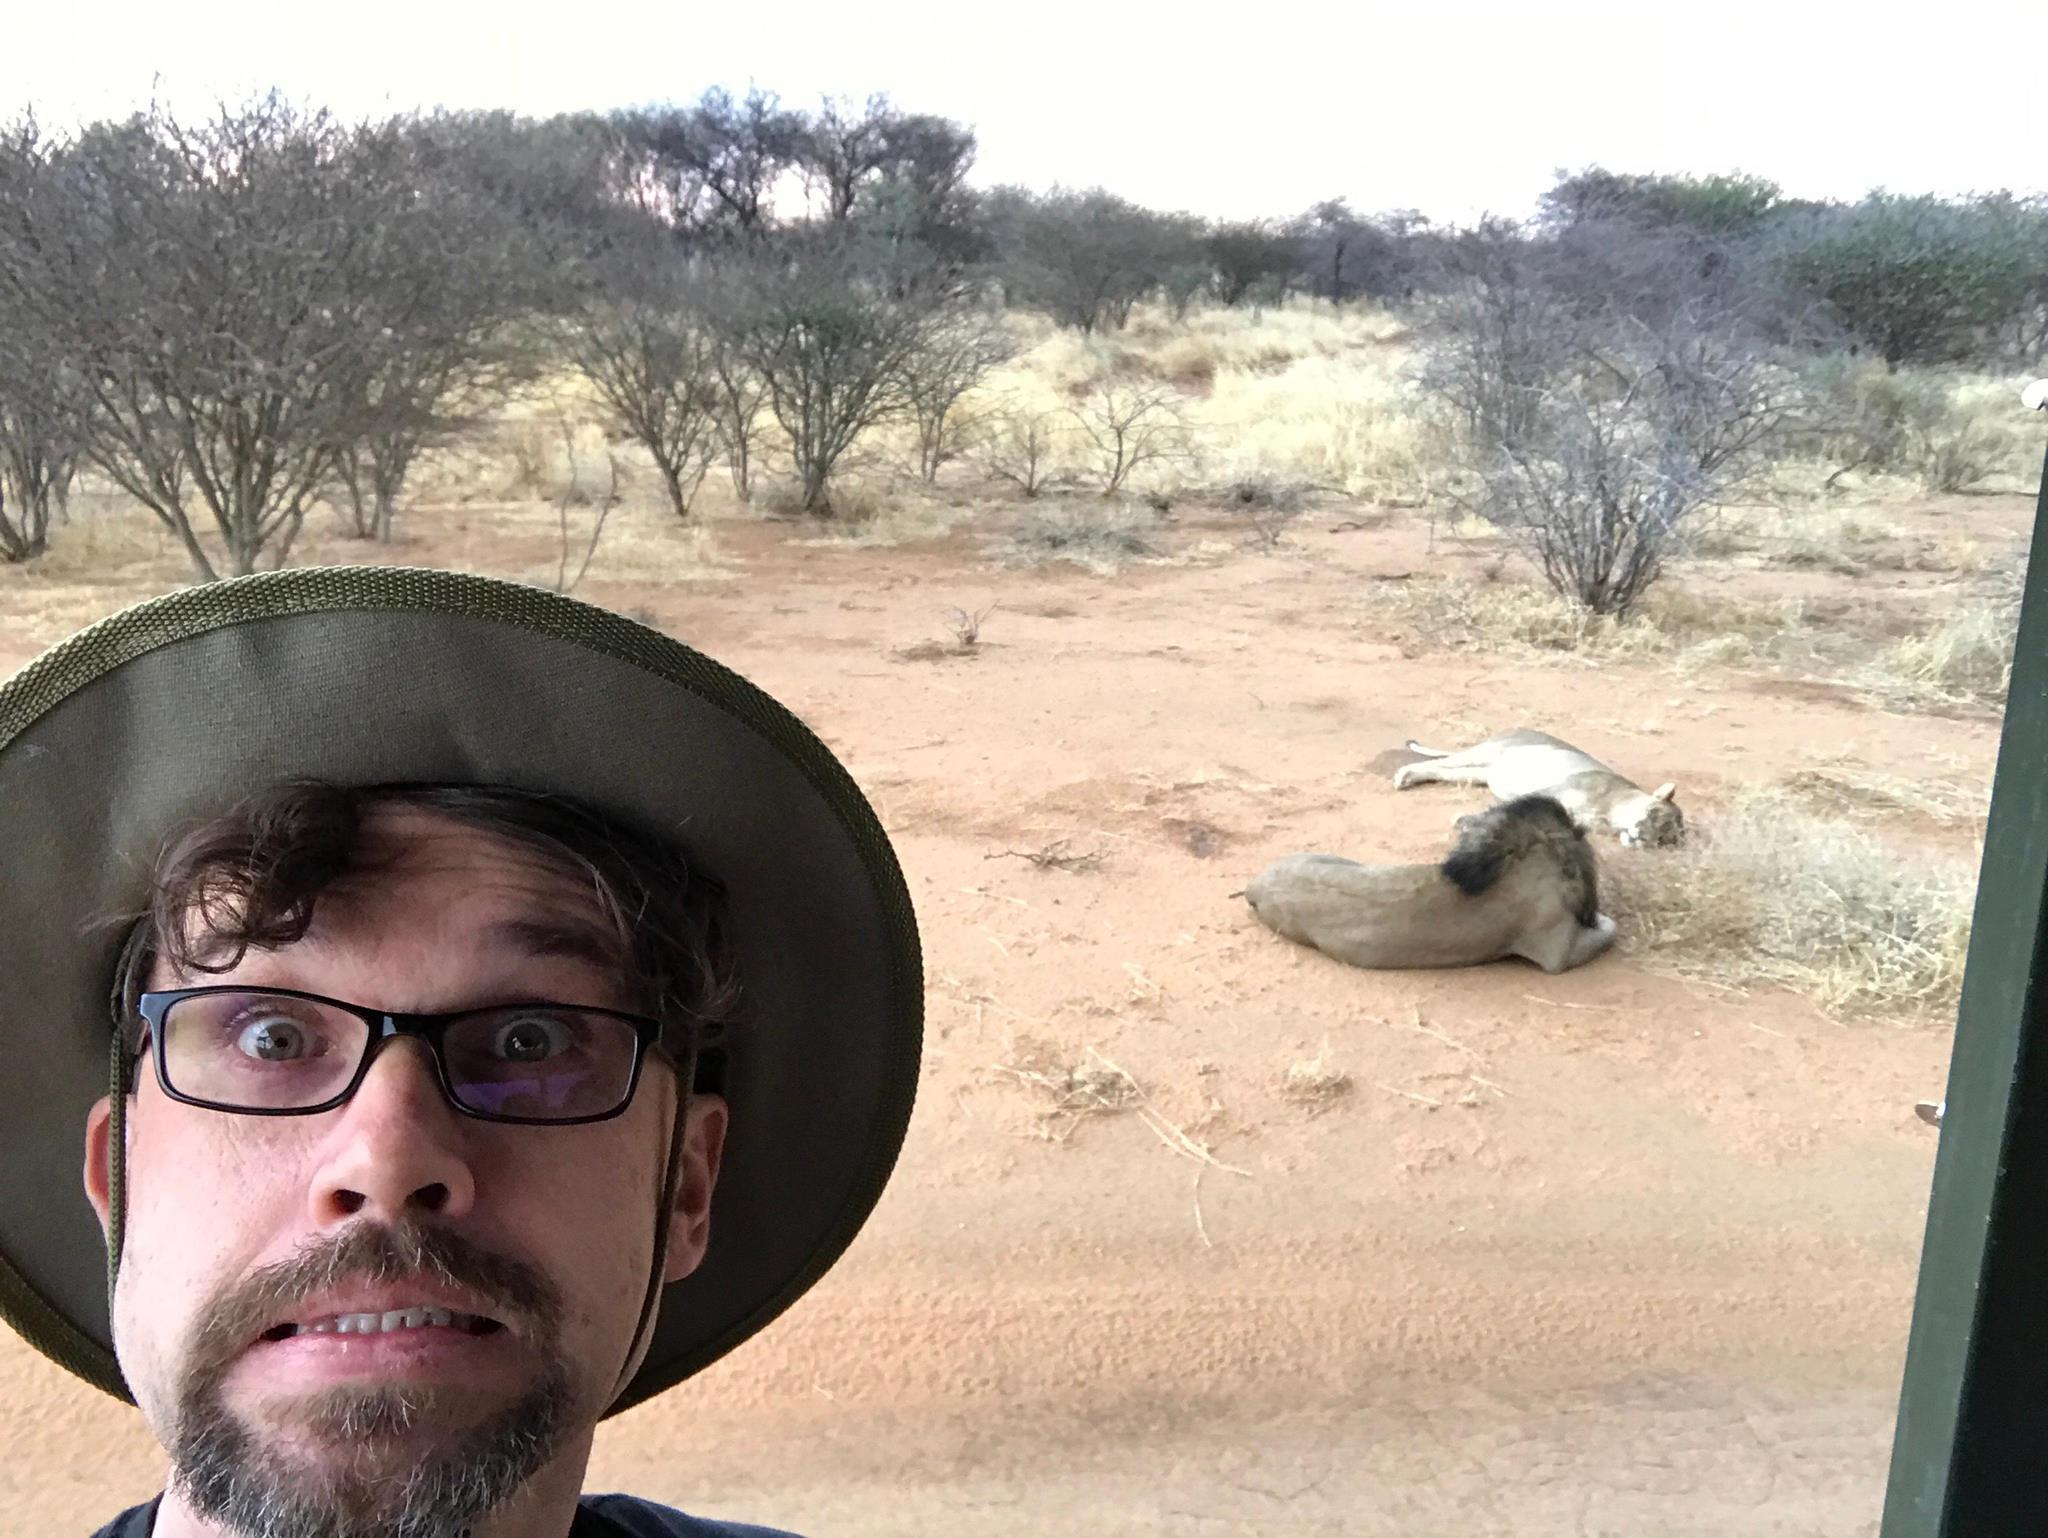 Eric-in-Africa.jpg